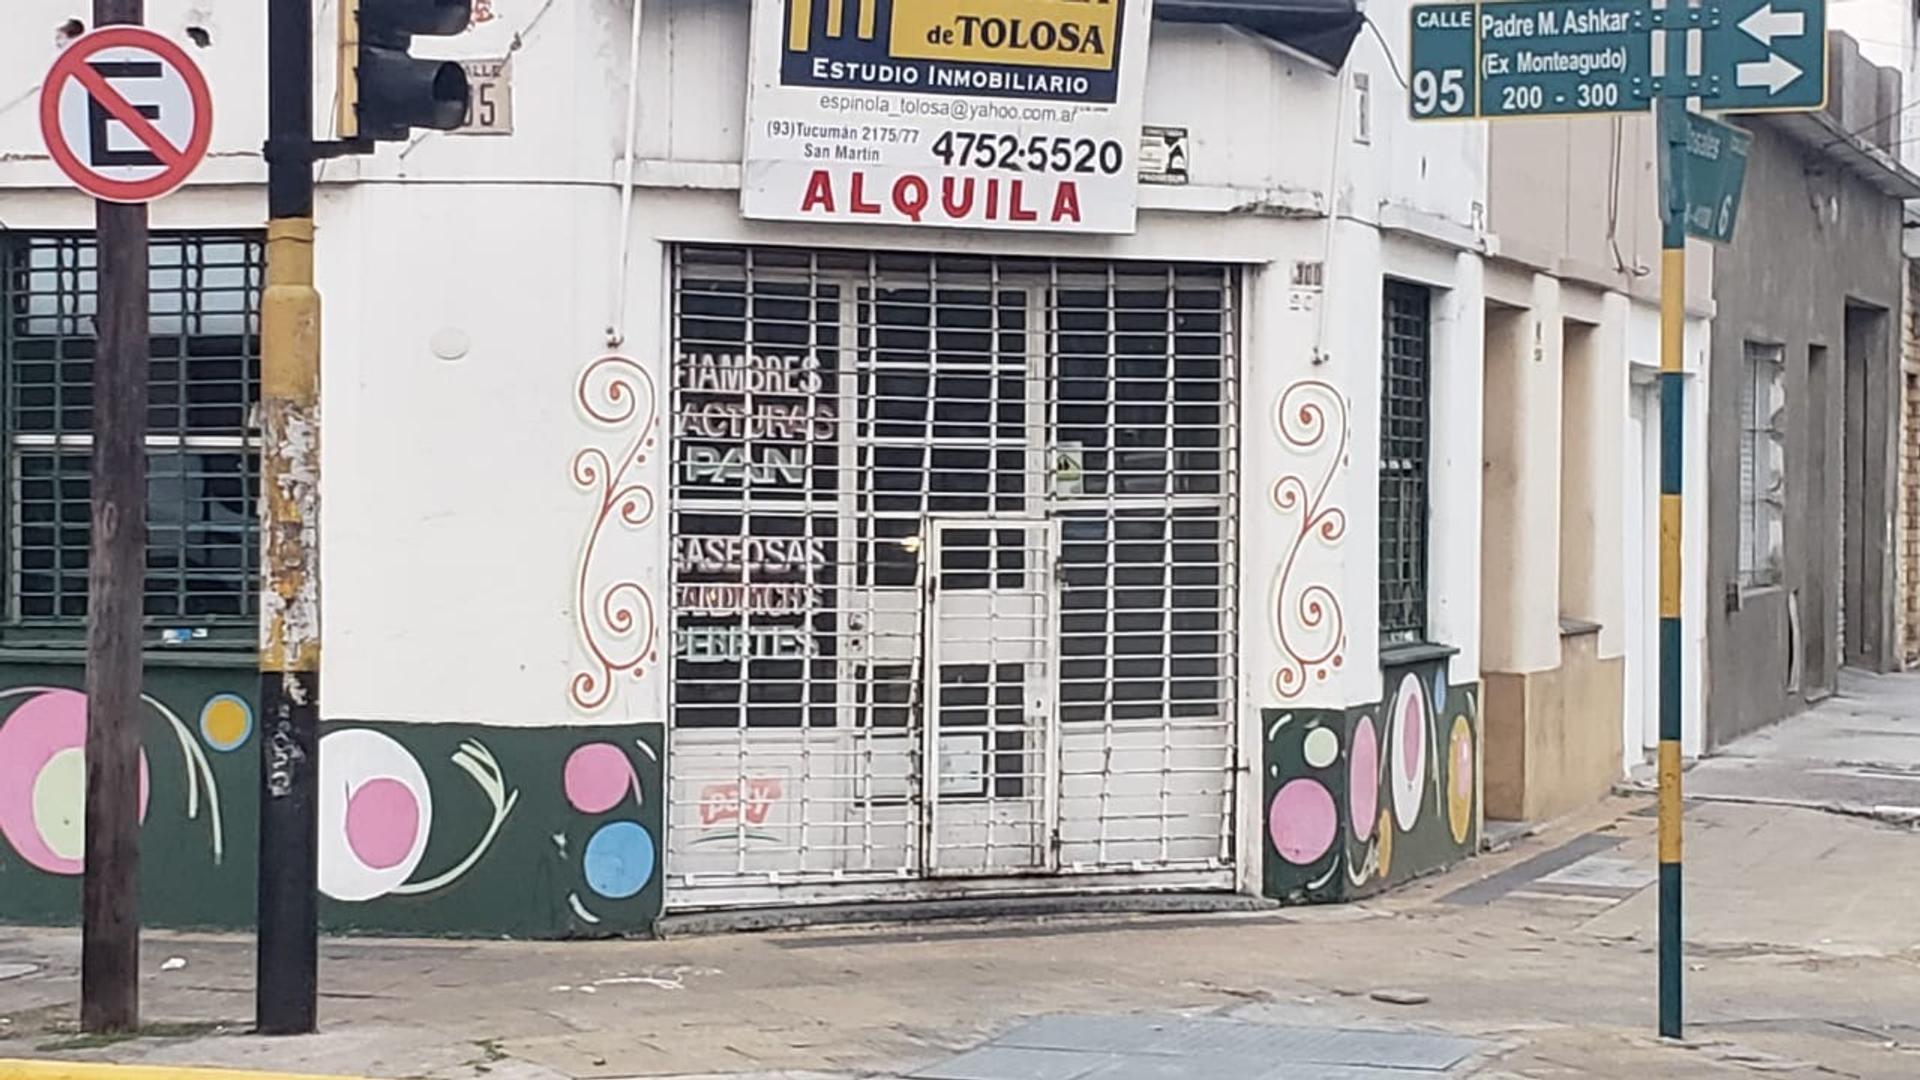 Rosales, Esq. Monteagudo 200 - $ 8.500 - Local Alquiler